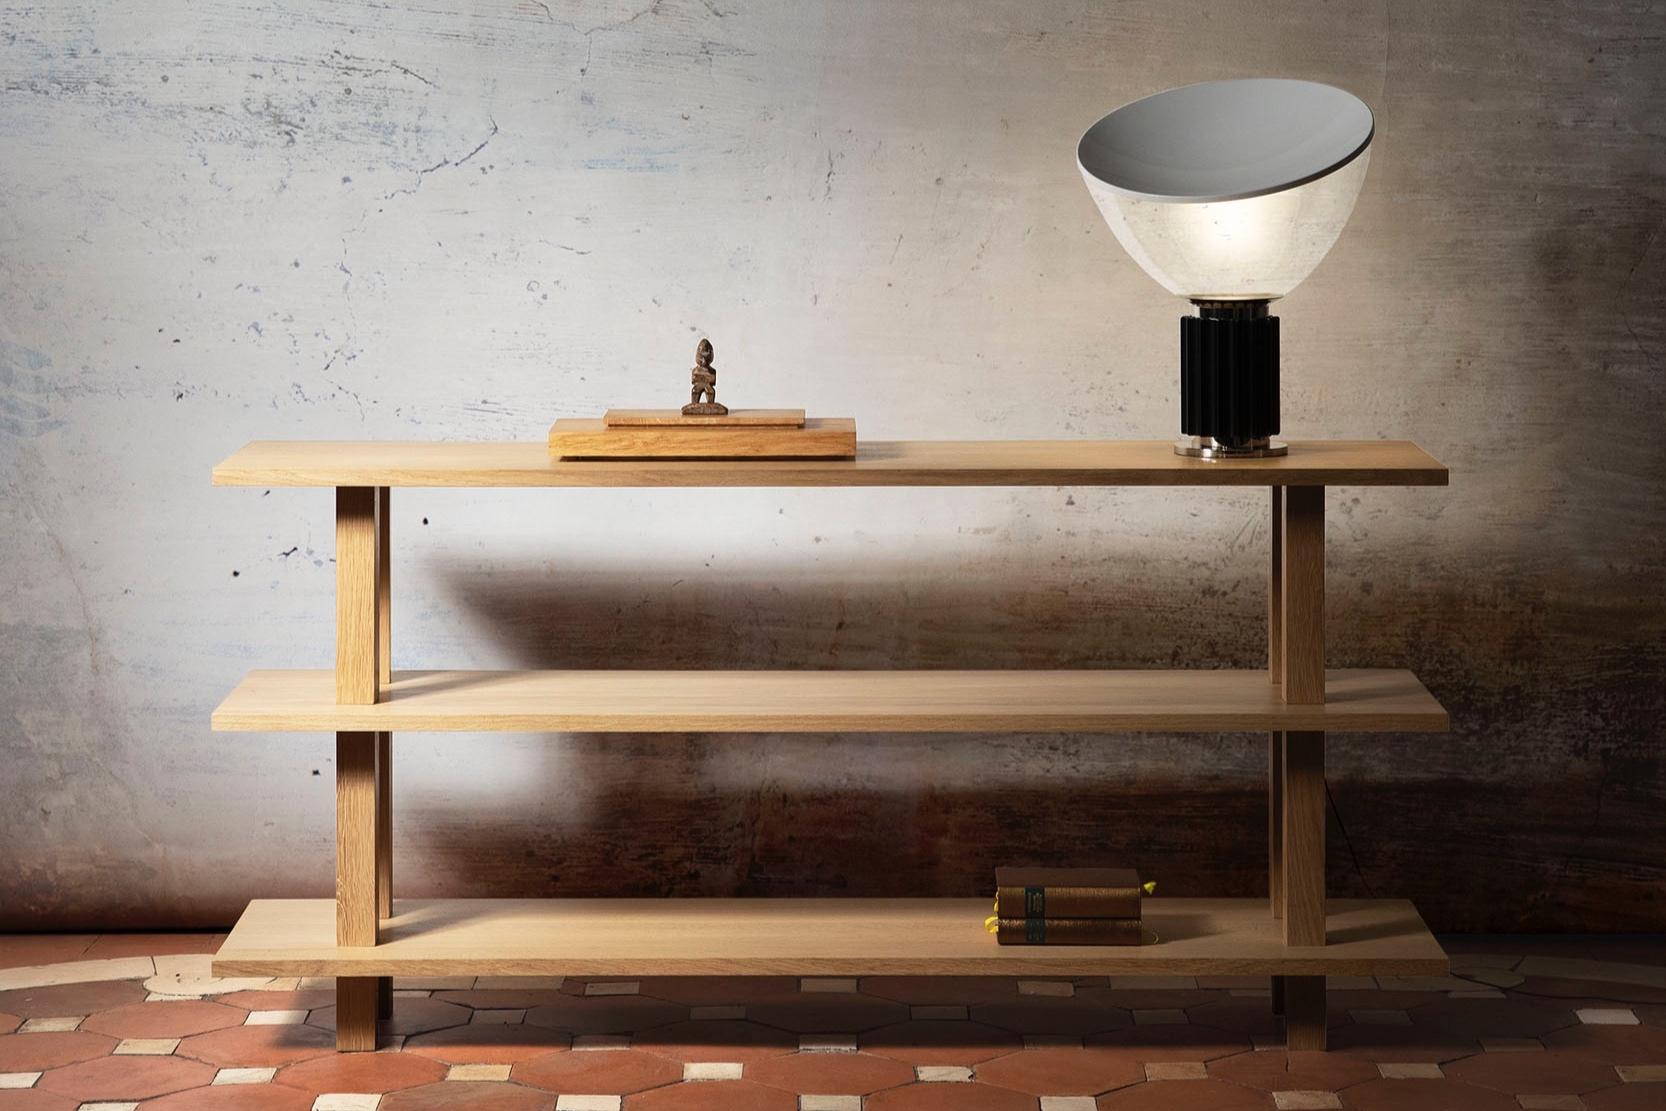 Console en chêne massif  Meuble de salon en bois huilé  Objets architecturaux